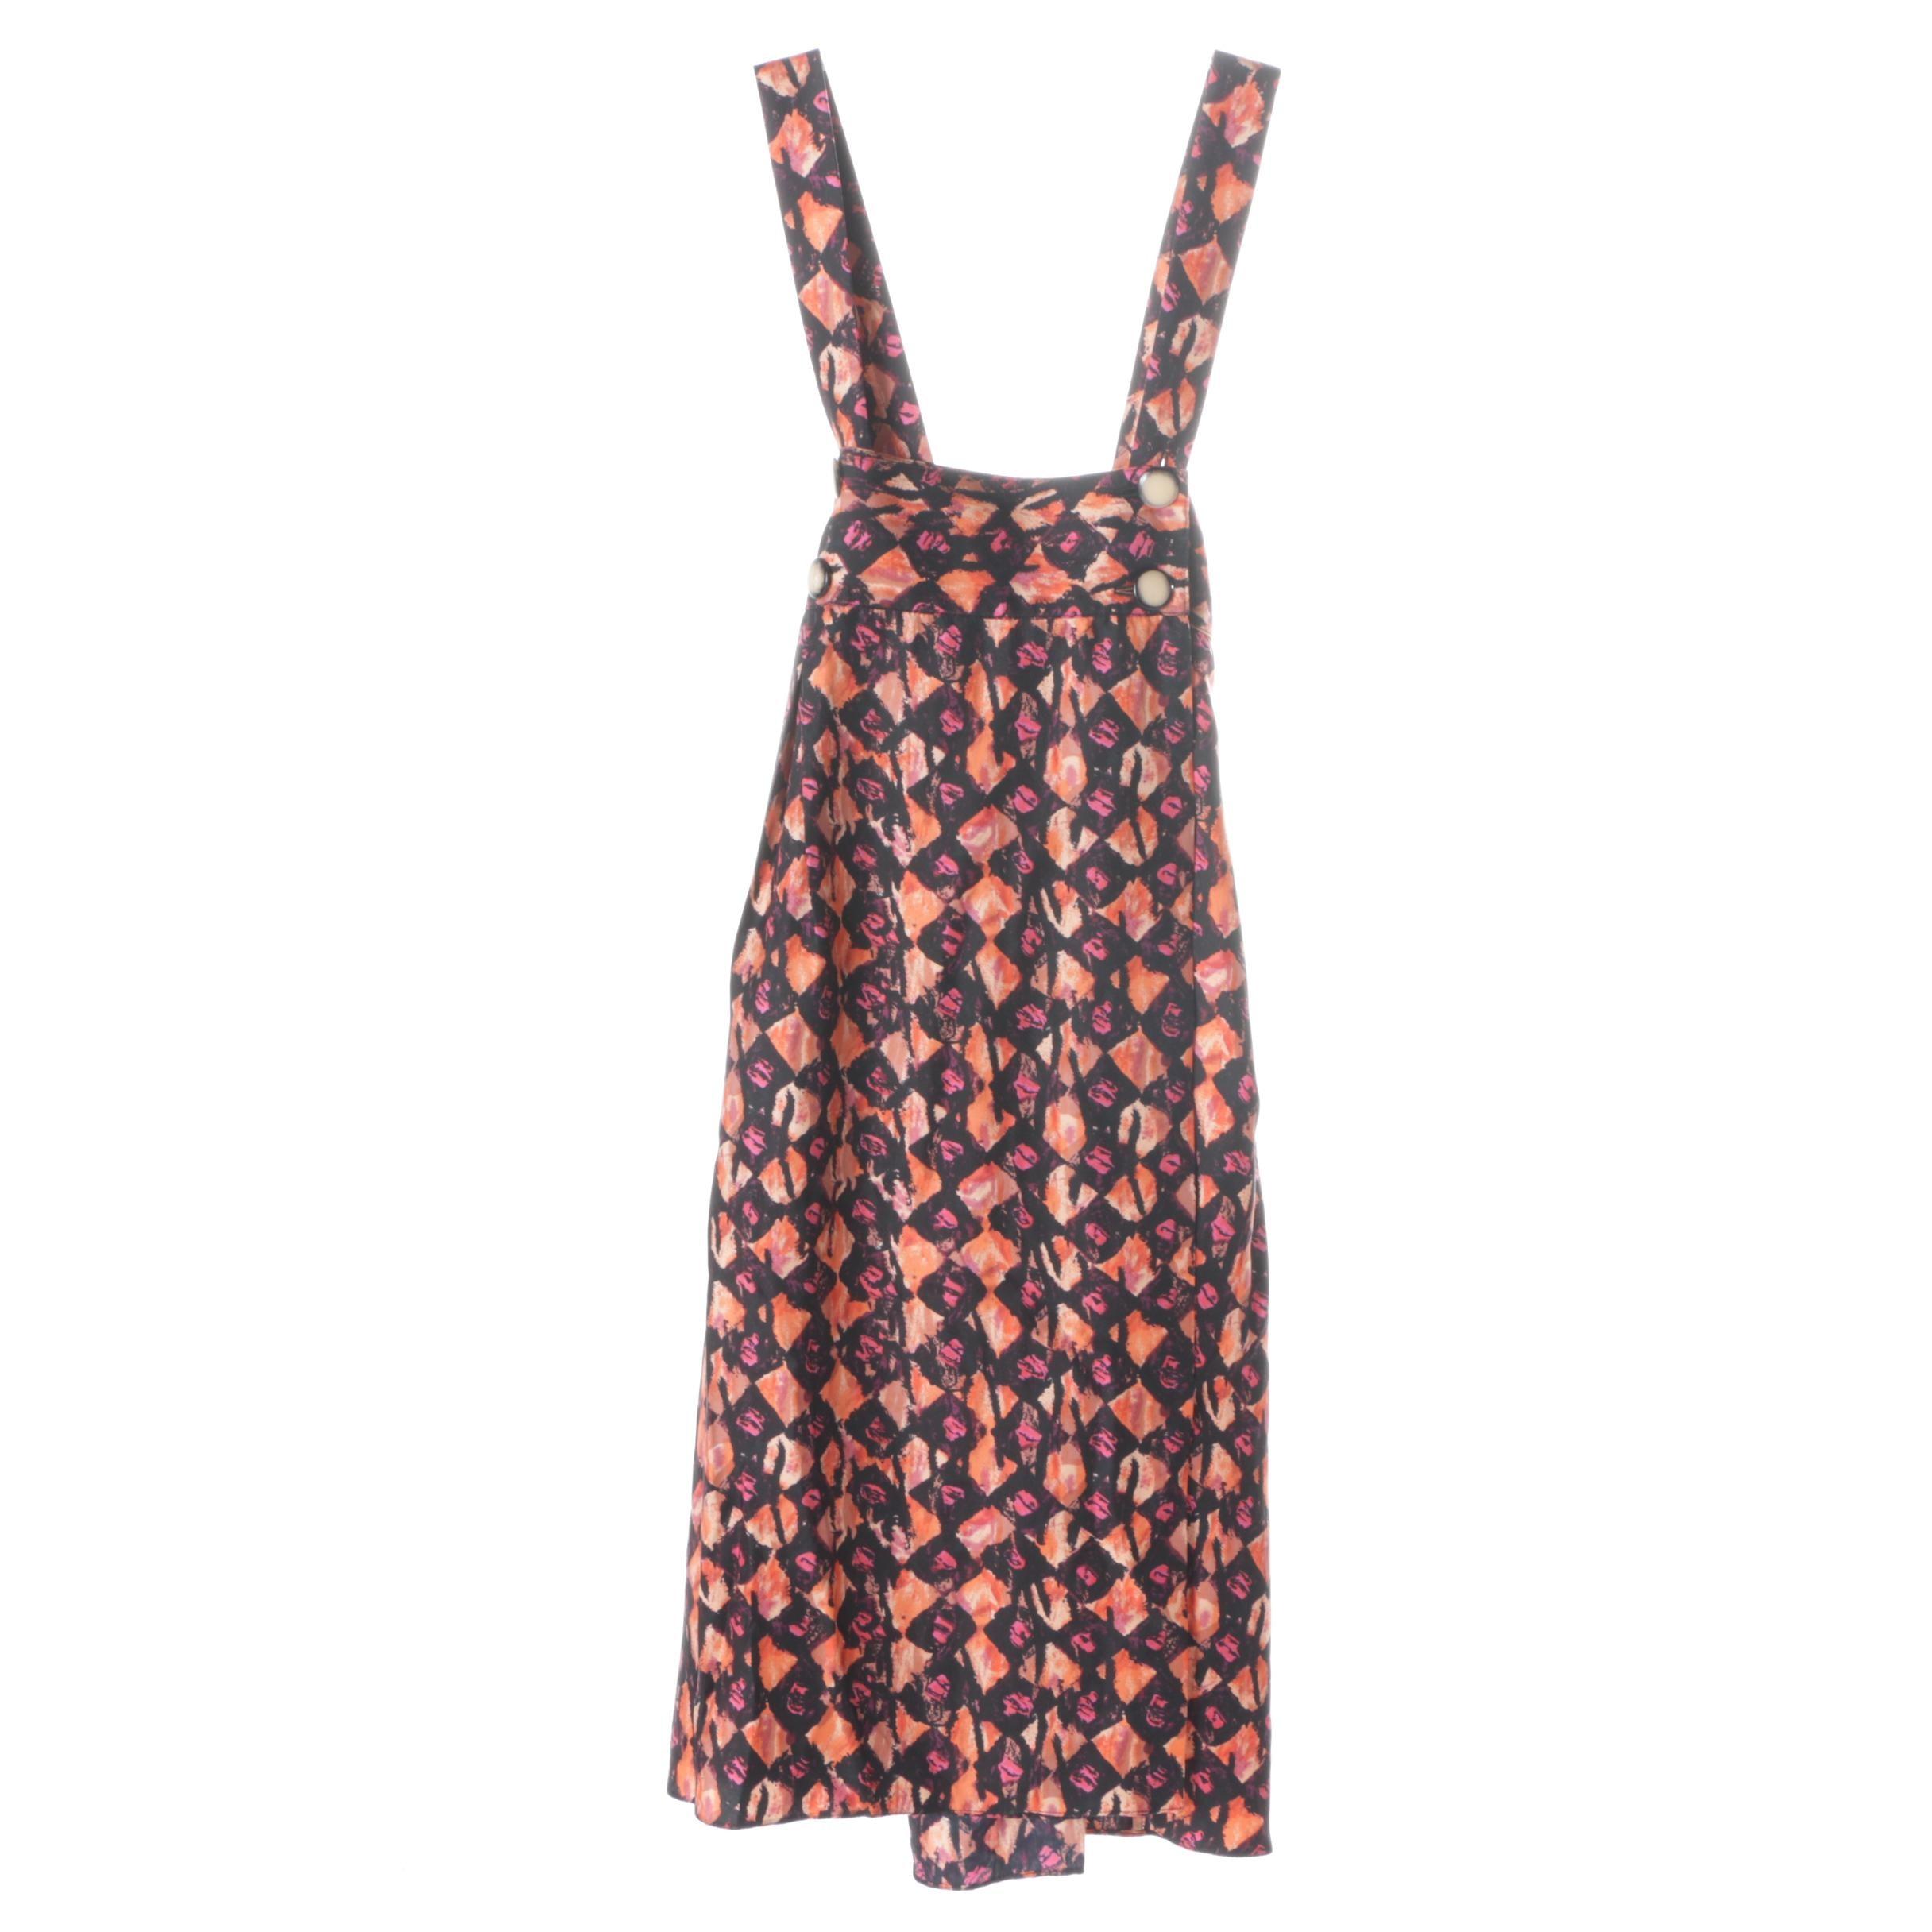 Caitie et Marcs Pinafore Style Dress